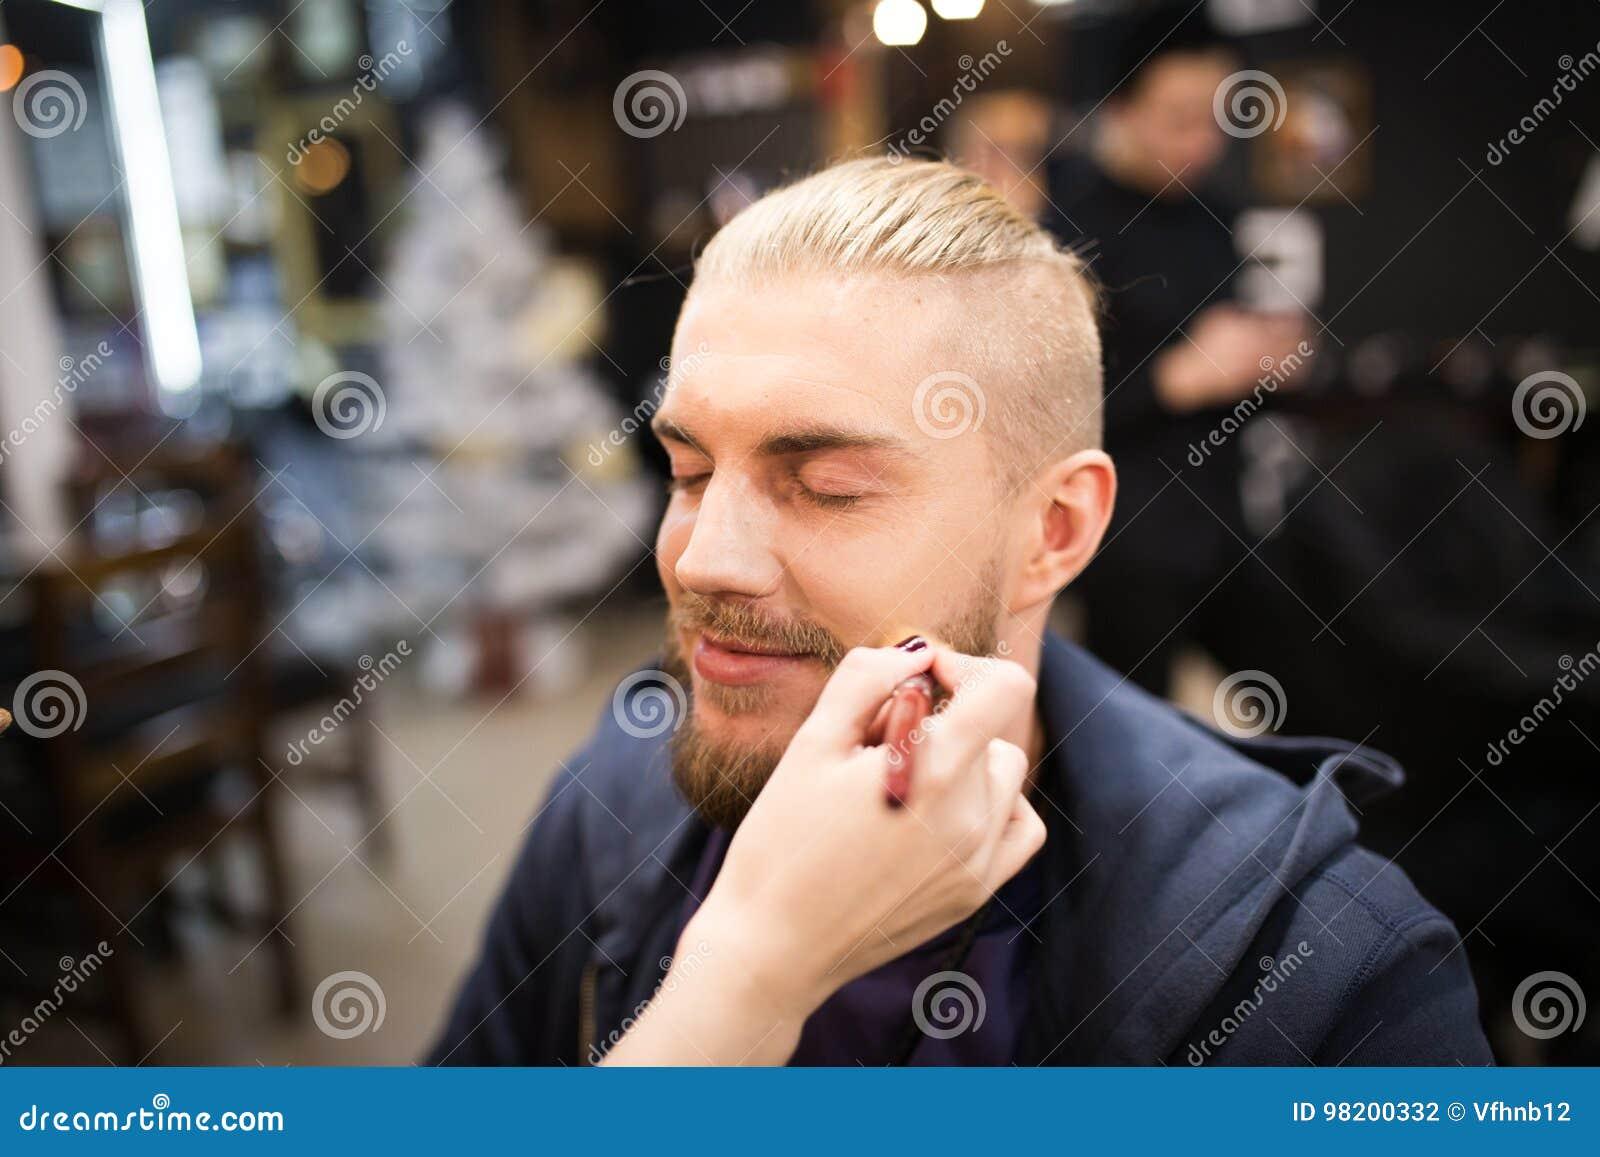 Download Рука Beautician кладя состав на человека Стоковое Фото - изображение насчитывающей оборудование, горизонтально: 98200332